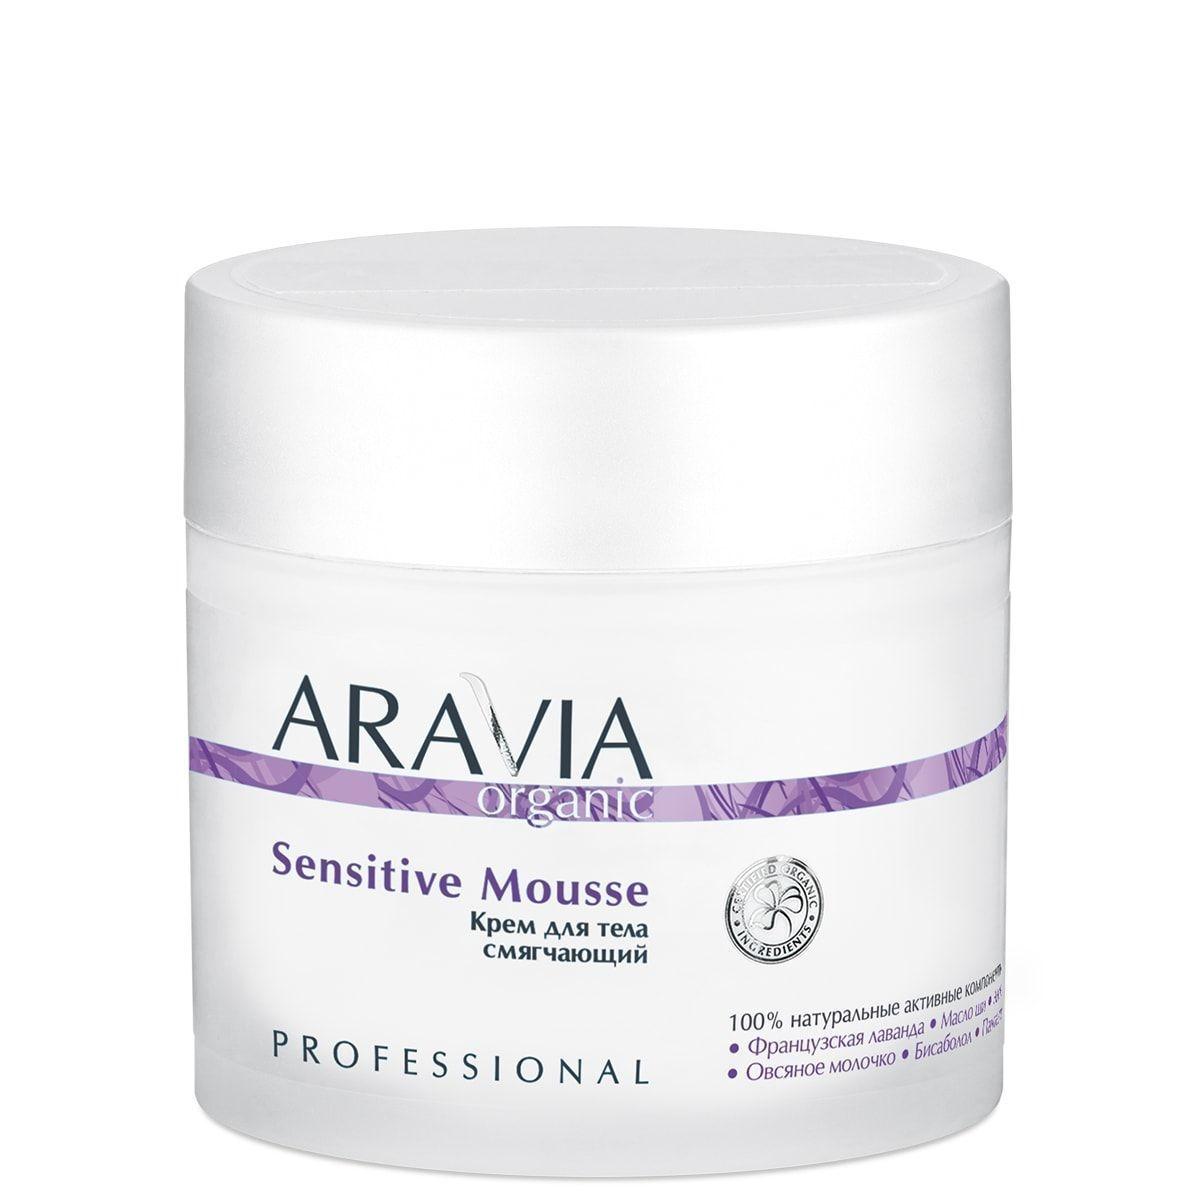 ARAVIA Organic Крем для Тела Смягчающий Sensitive Mousse, 300 мл